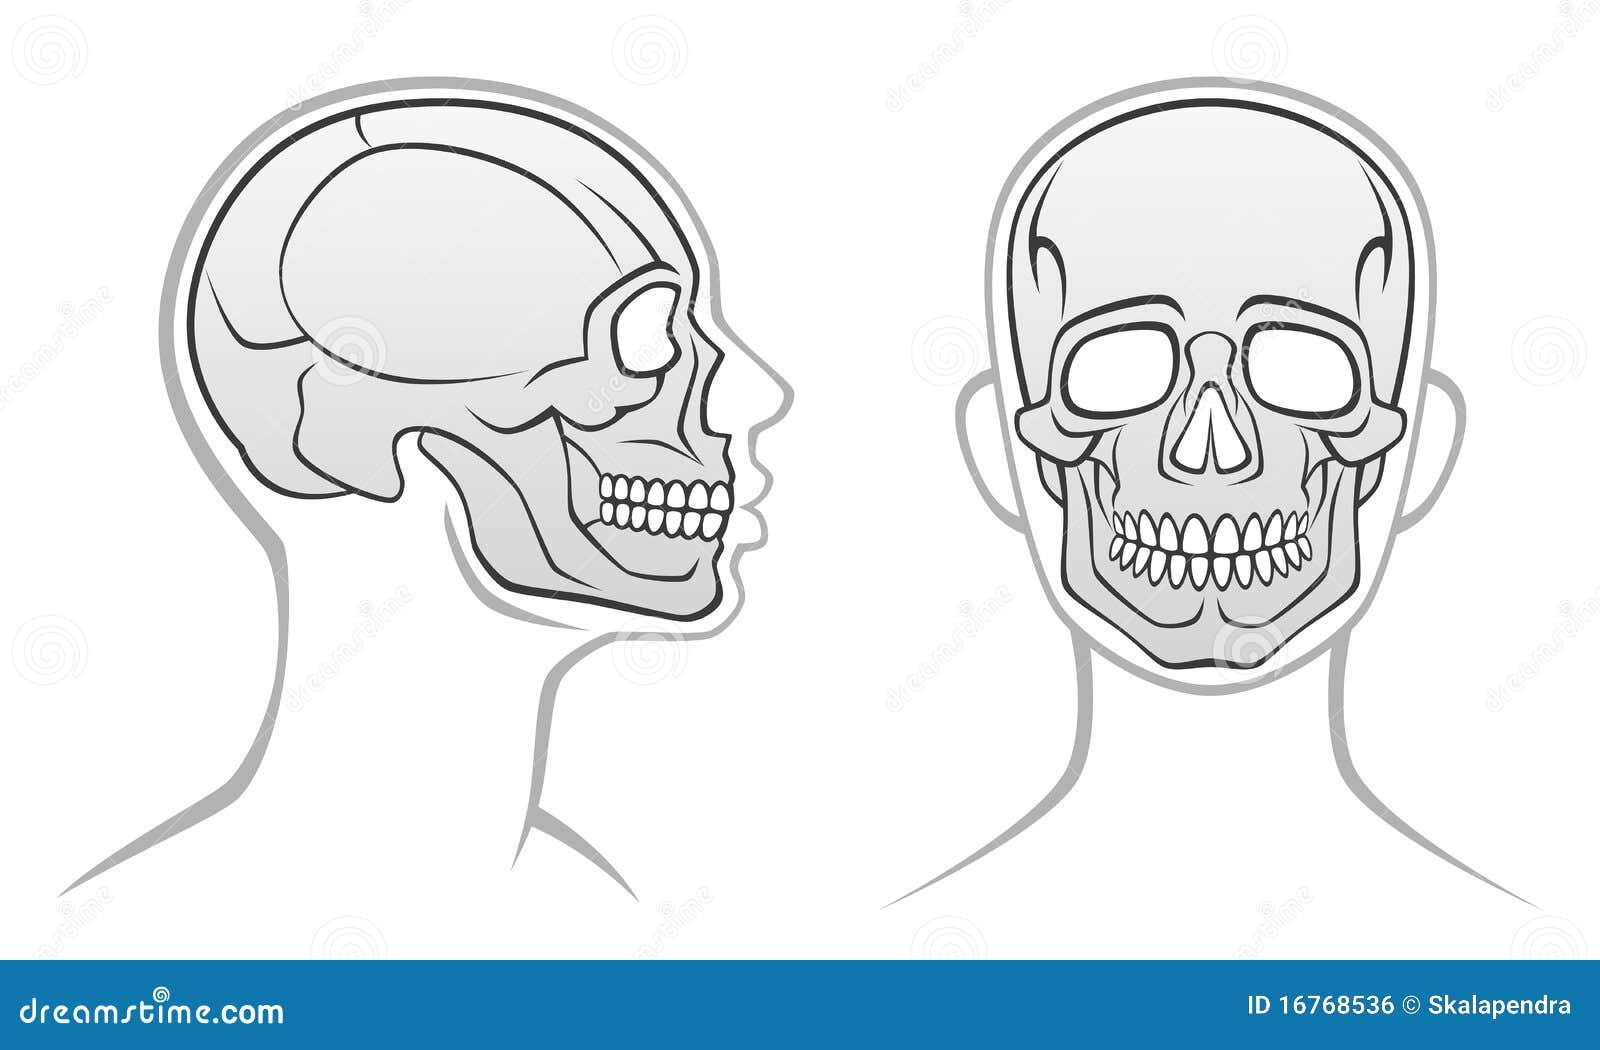 Head human